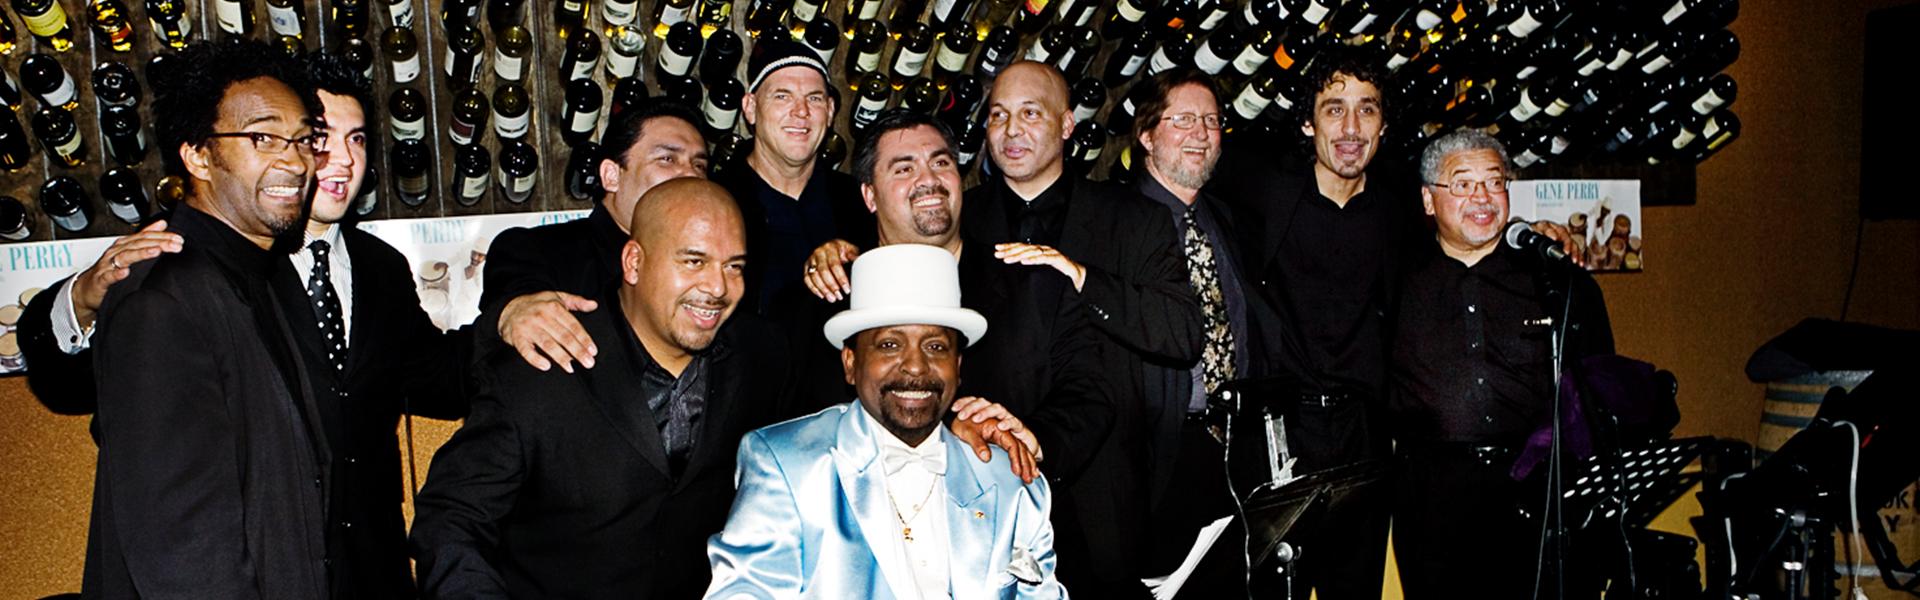 Gene Perry Ensemble